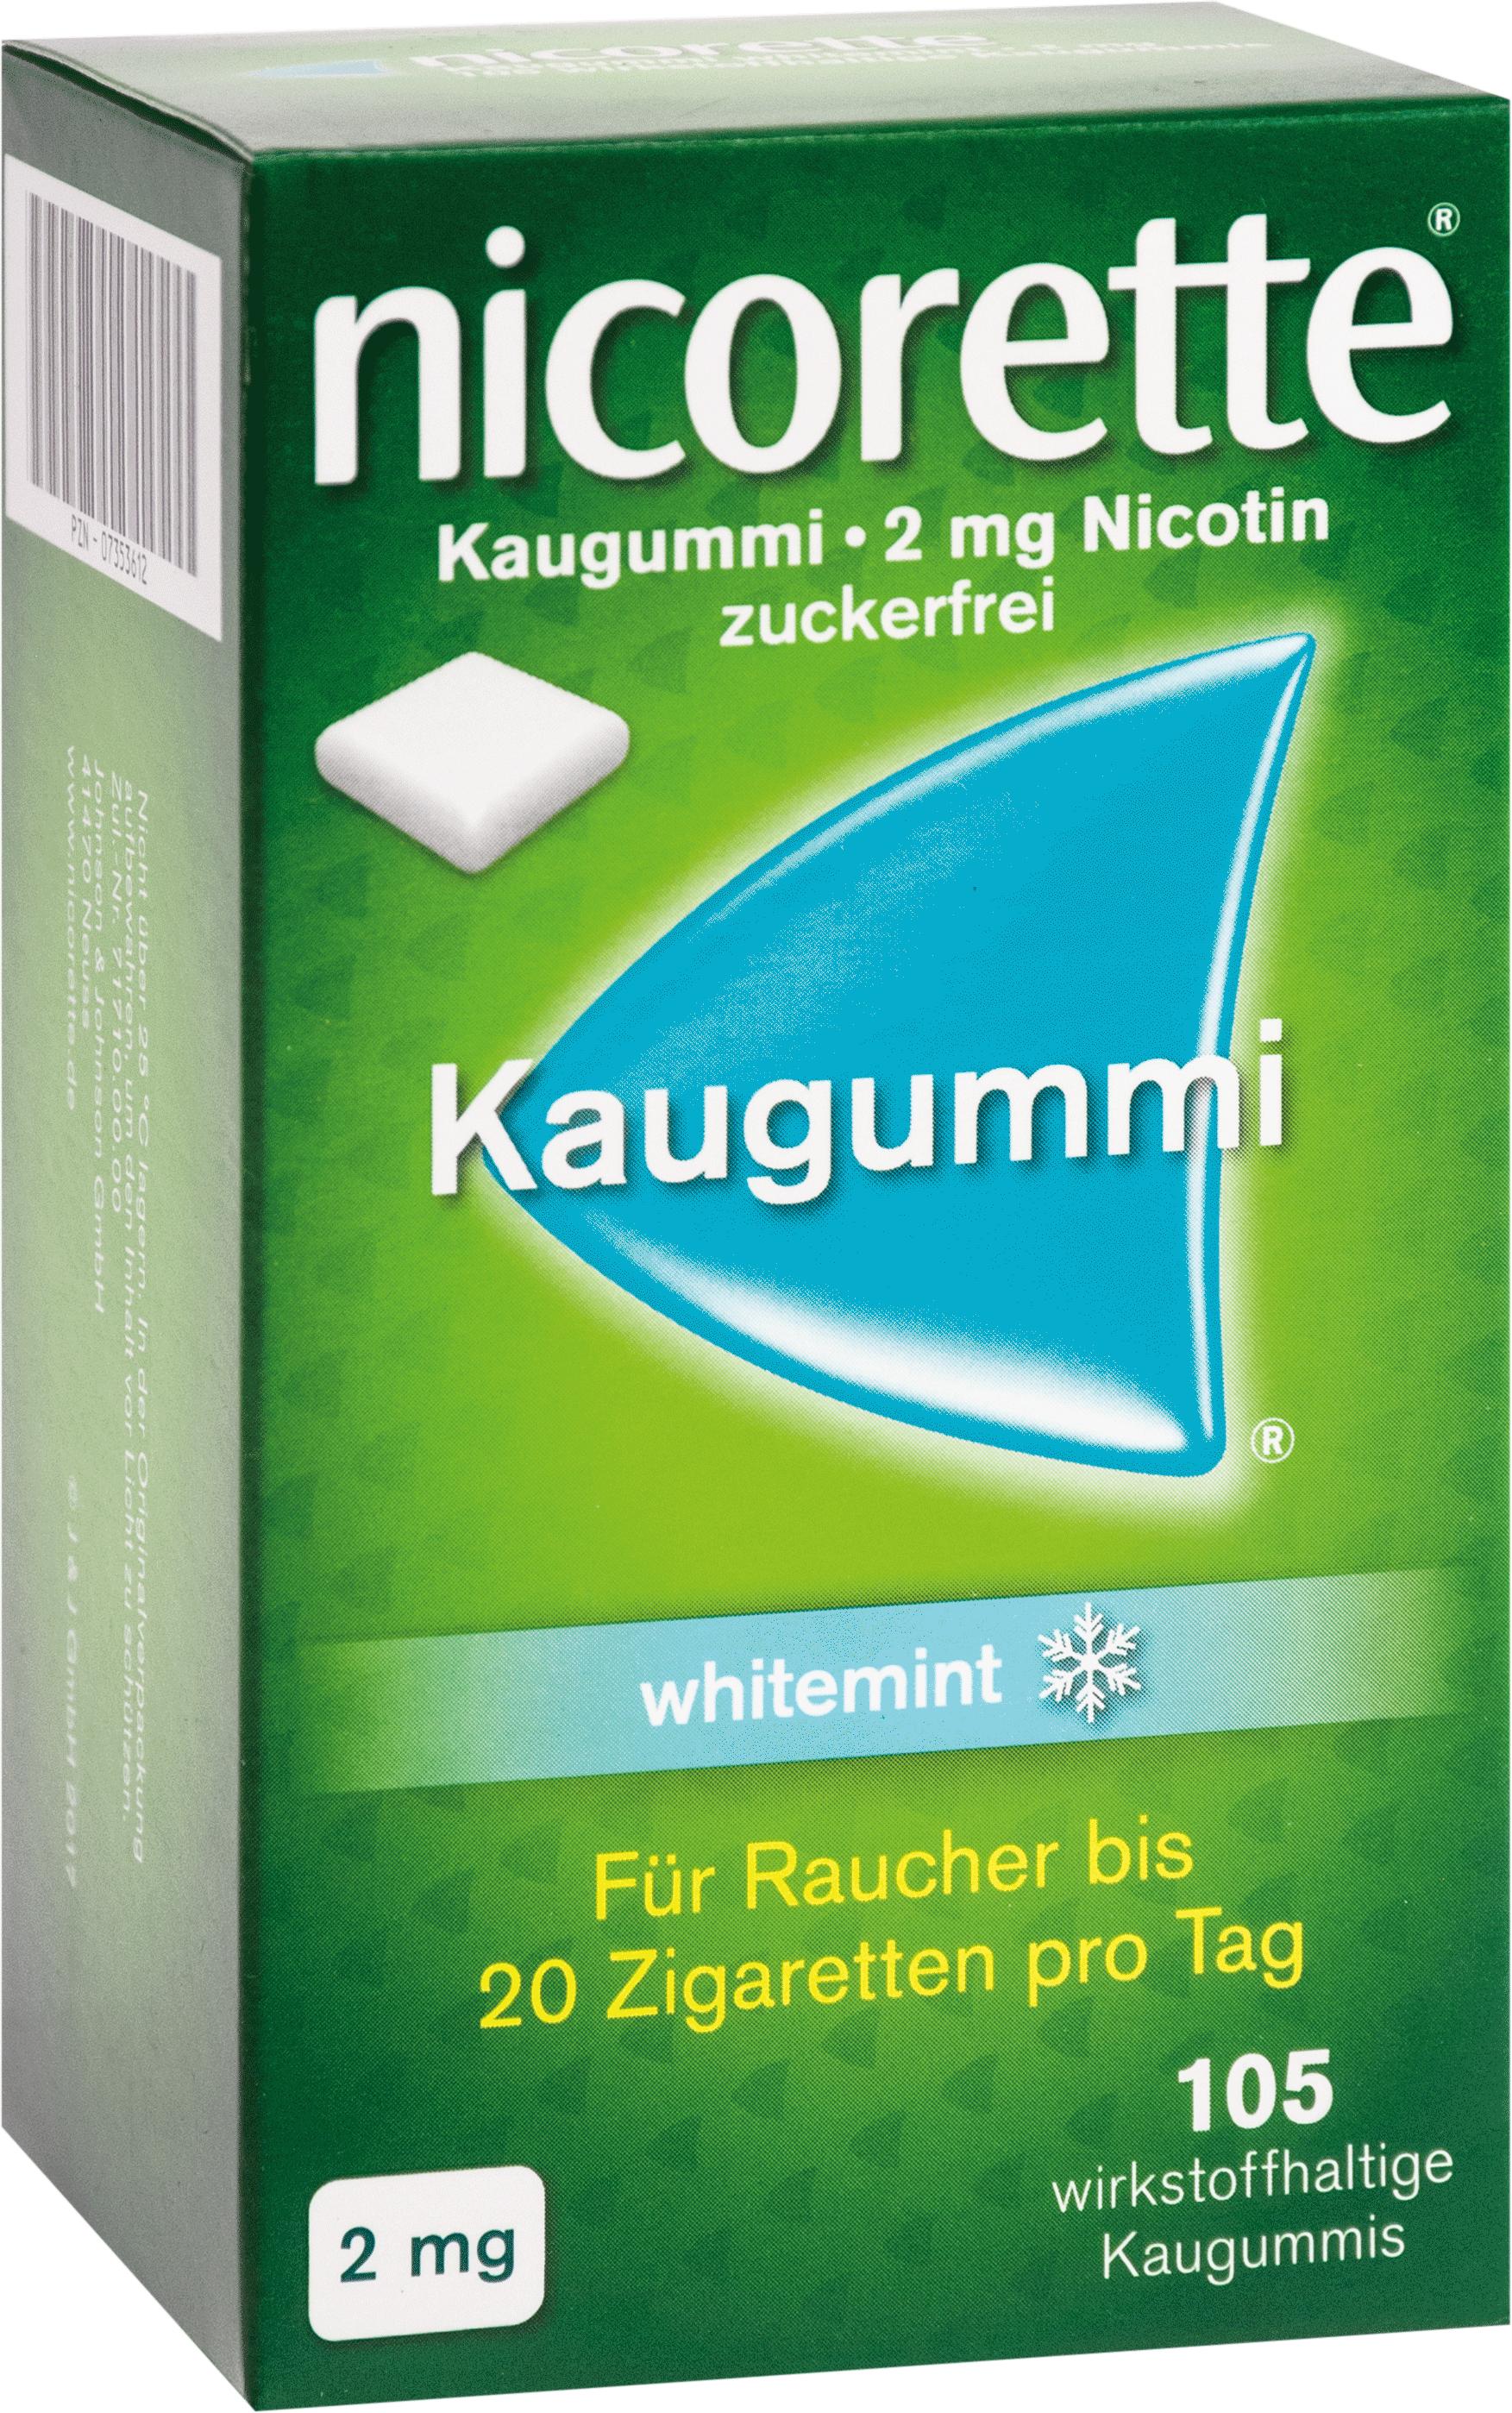 nicorette Kaugummi 2mg whitemint